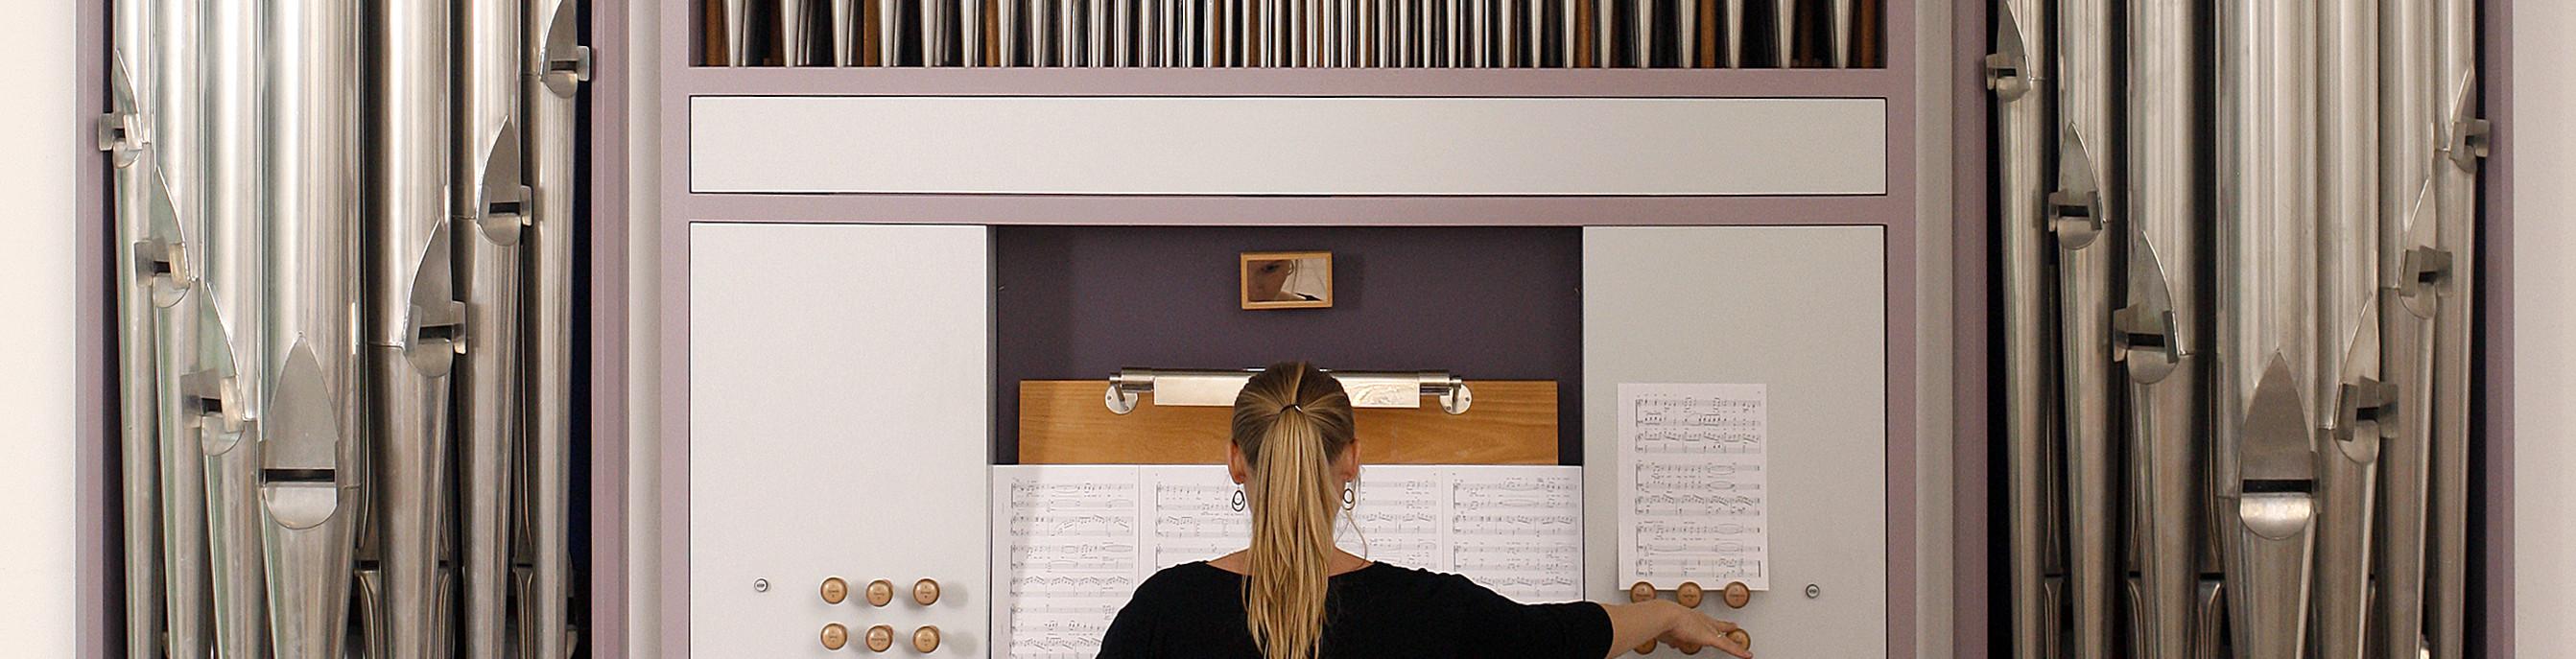 Billede af organist ved orgel bagfra